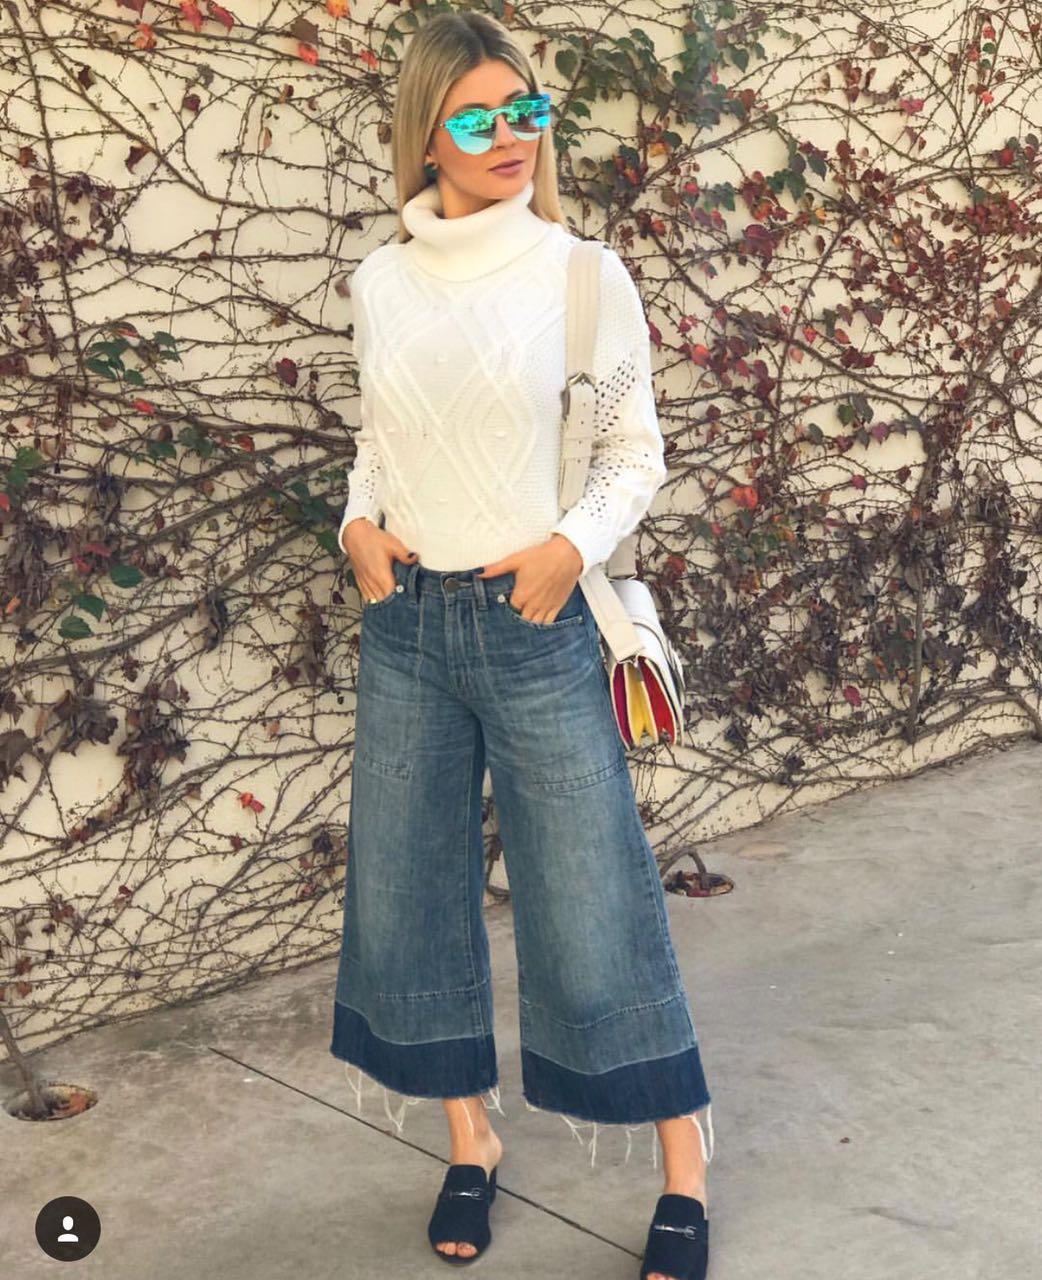 Cici de pantacourt jeans